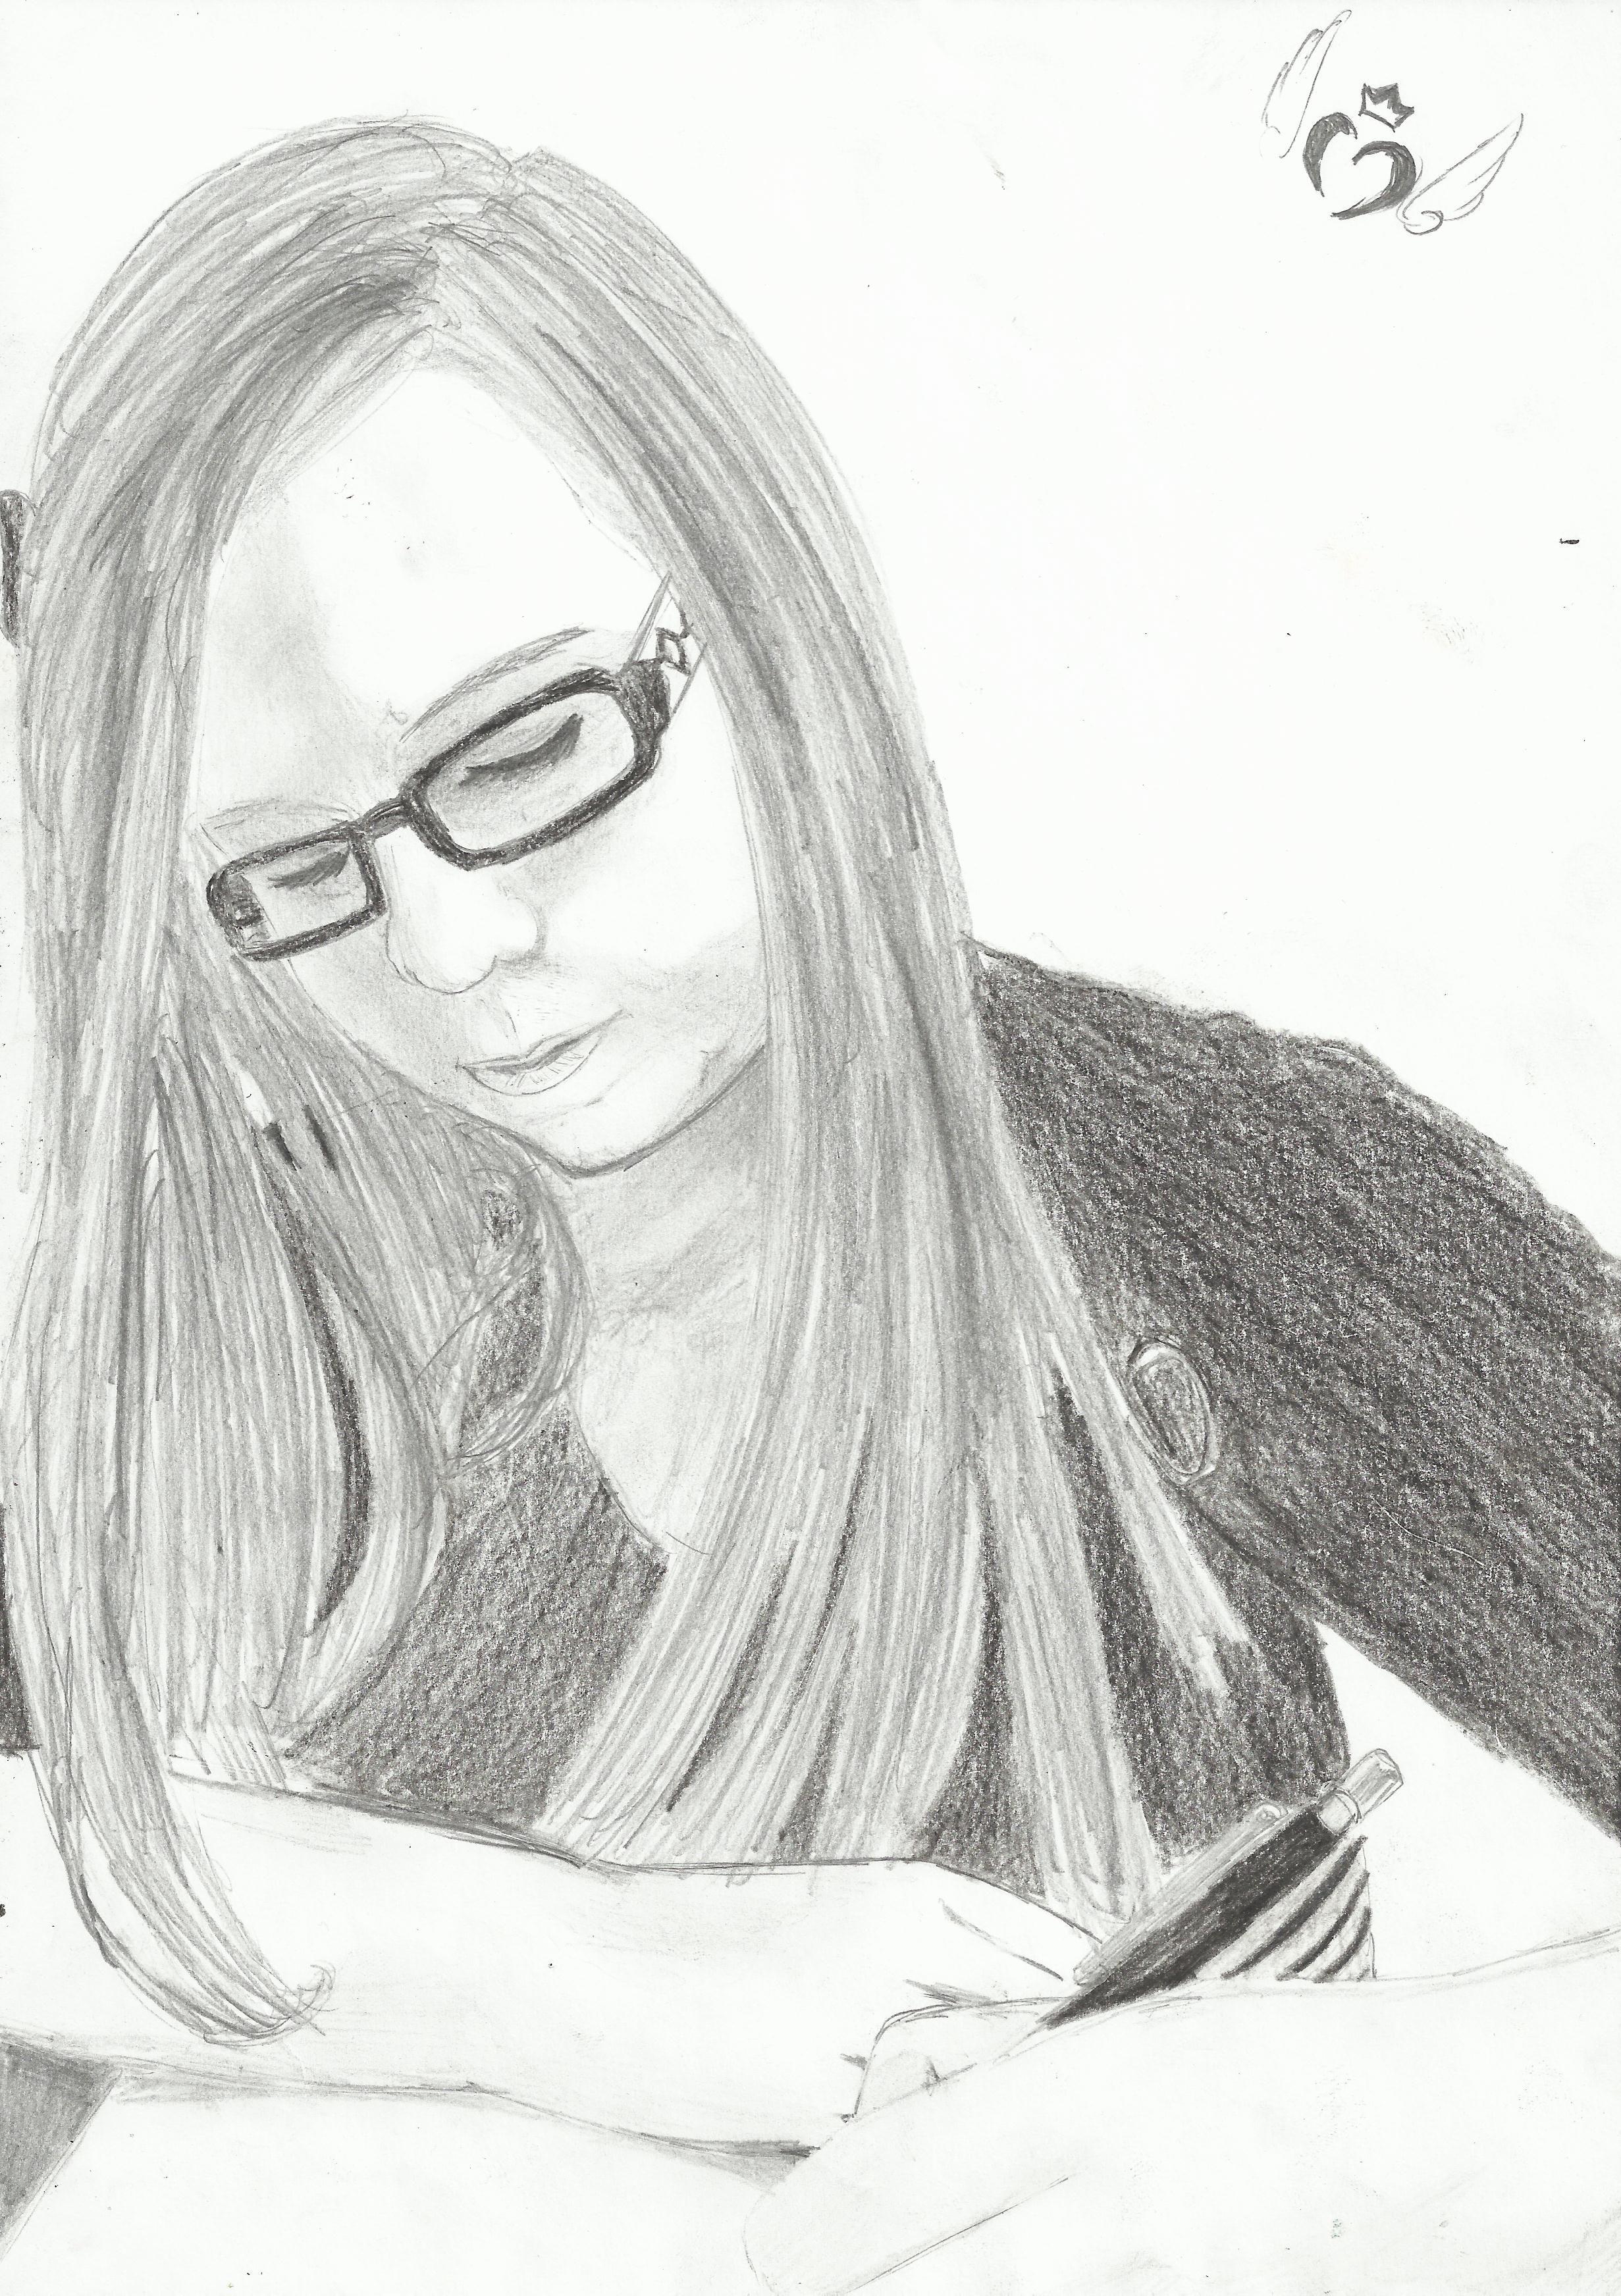 germ.: SO, ich habe versucht mich selber in real zu zeichnen und dies ist hierbei herausgekommen! :D Jap, das bin ich! XD  engl: SO, I tryed to draw myself in real, so no Manga, and this is it! :D Jap, this is me! XD